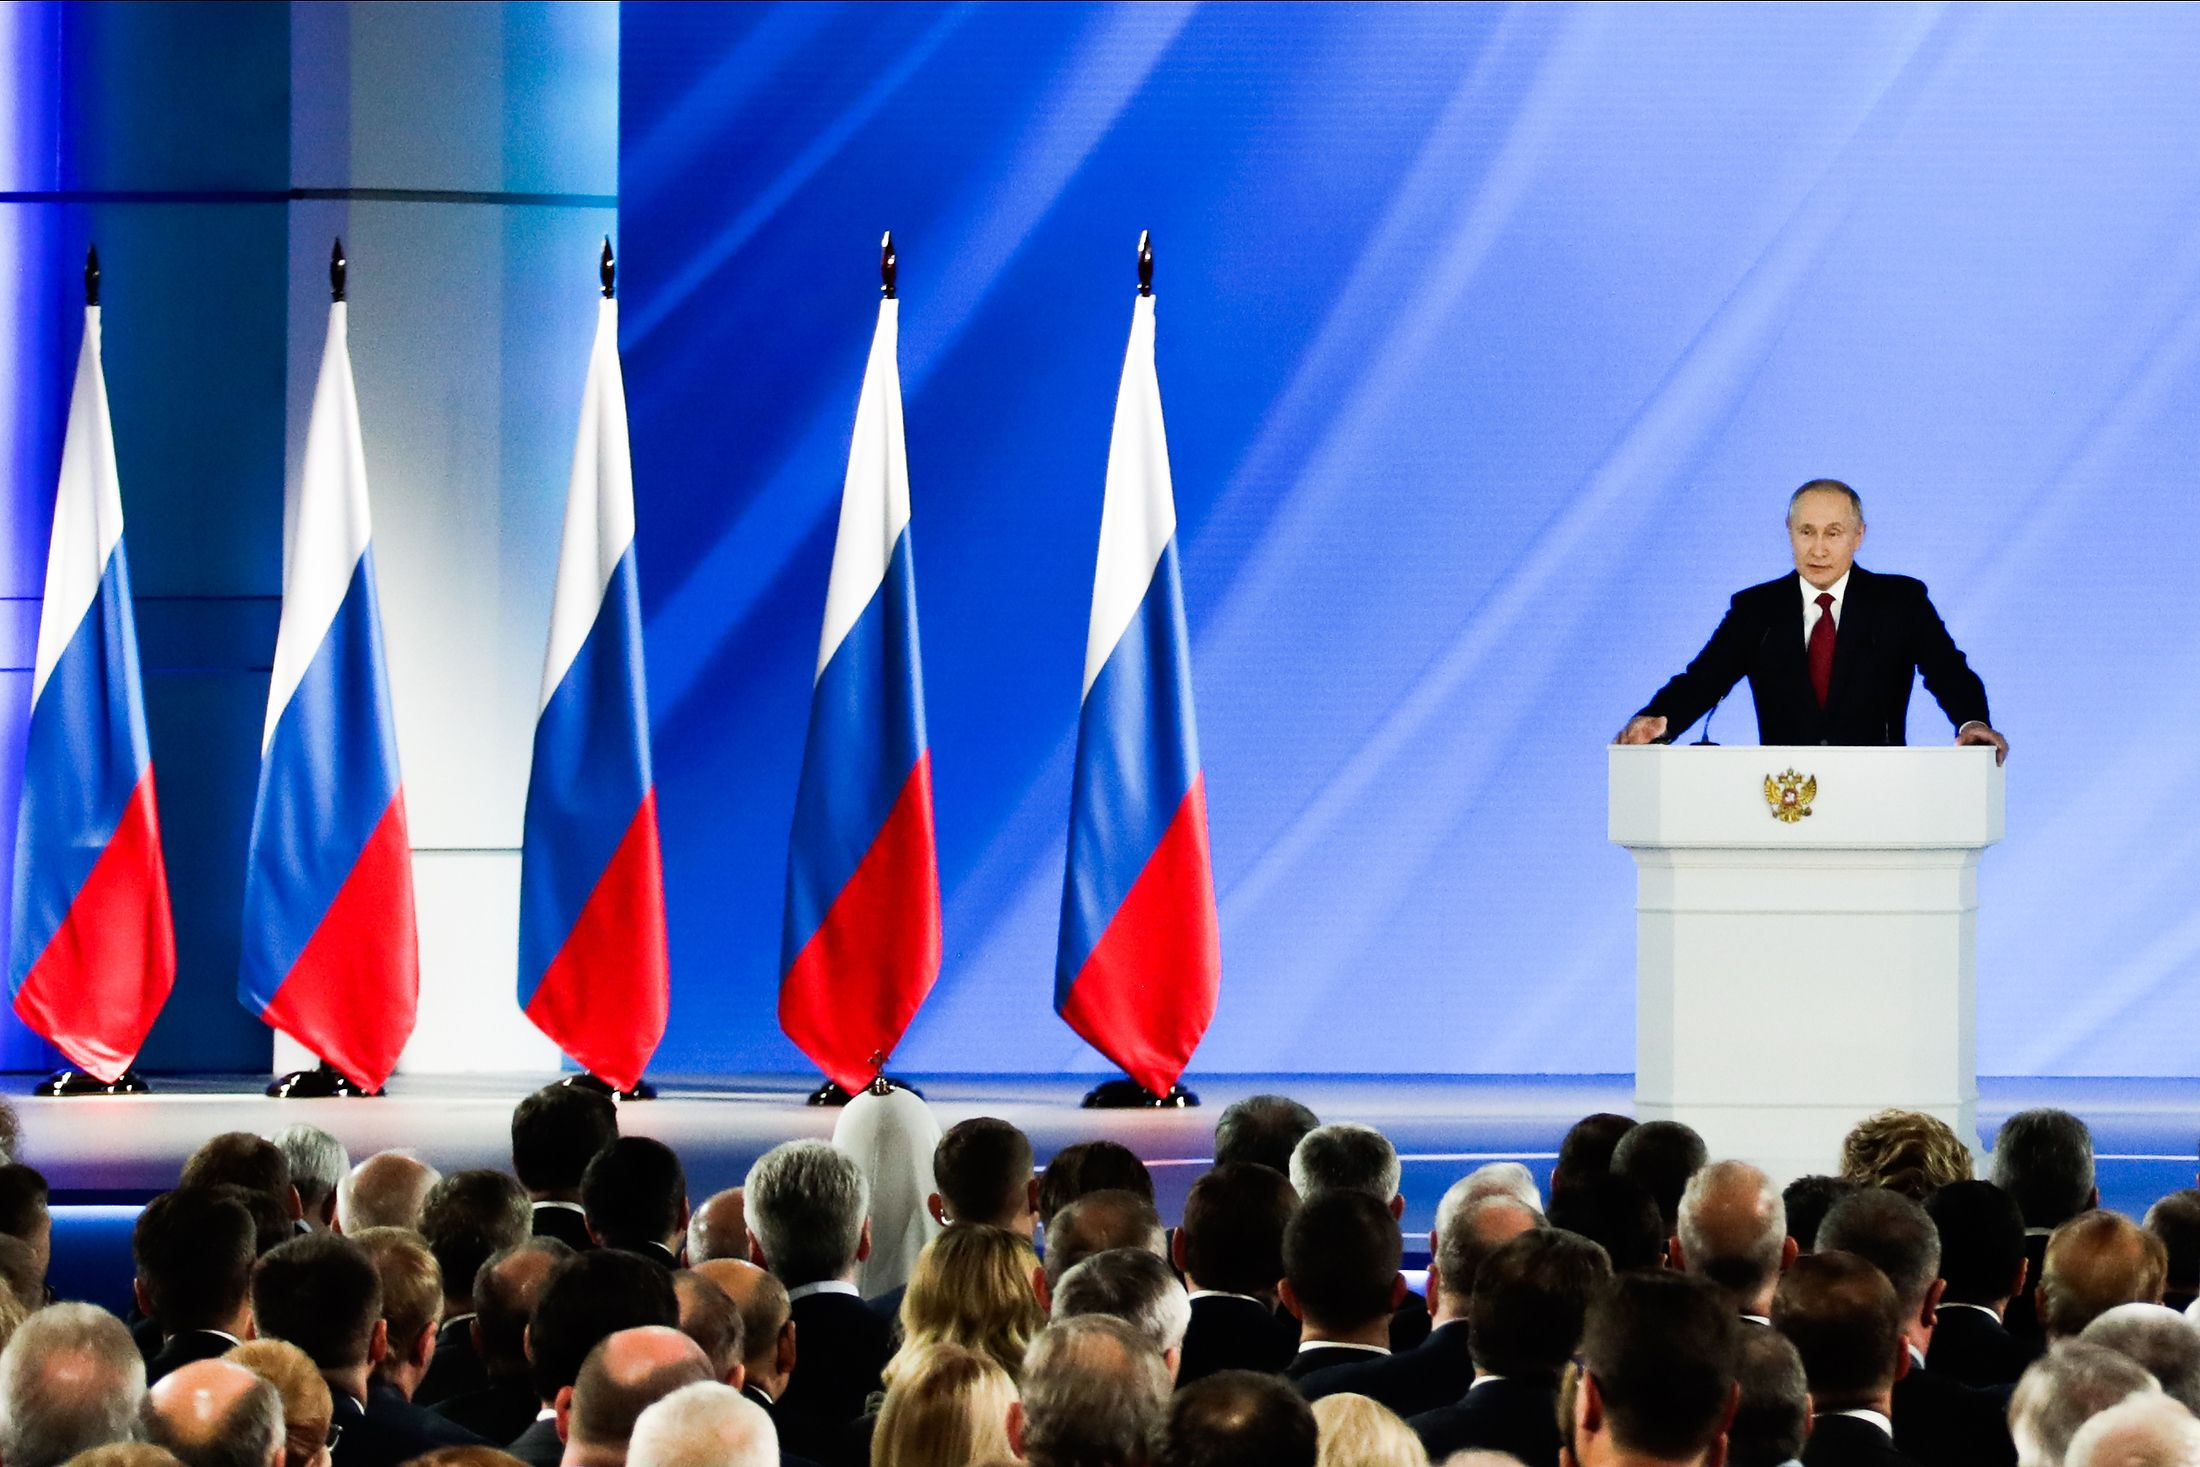 Владимир Путин предложил увеличить материнский капитал и продлить программу до 2026 года